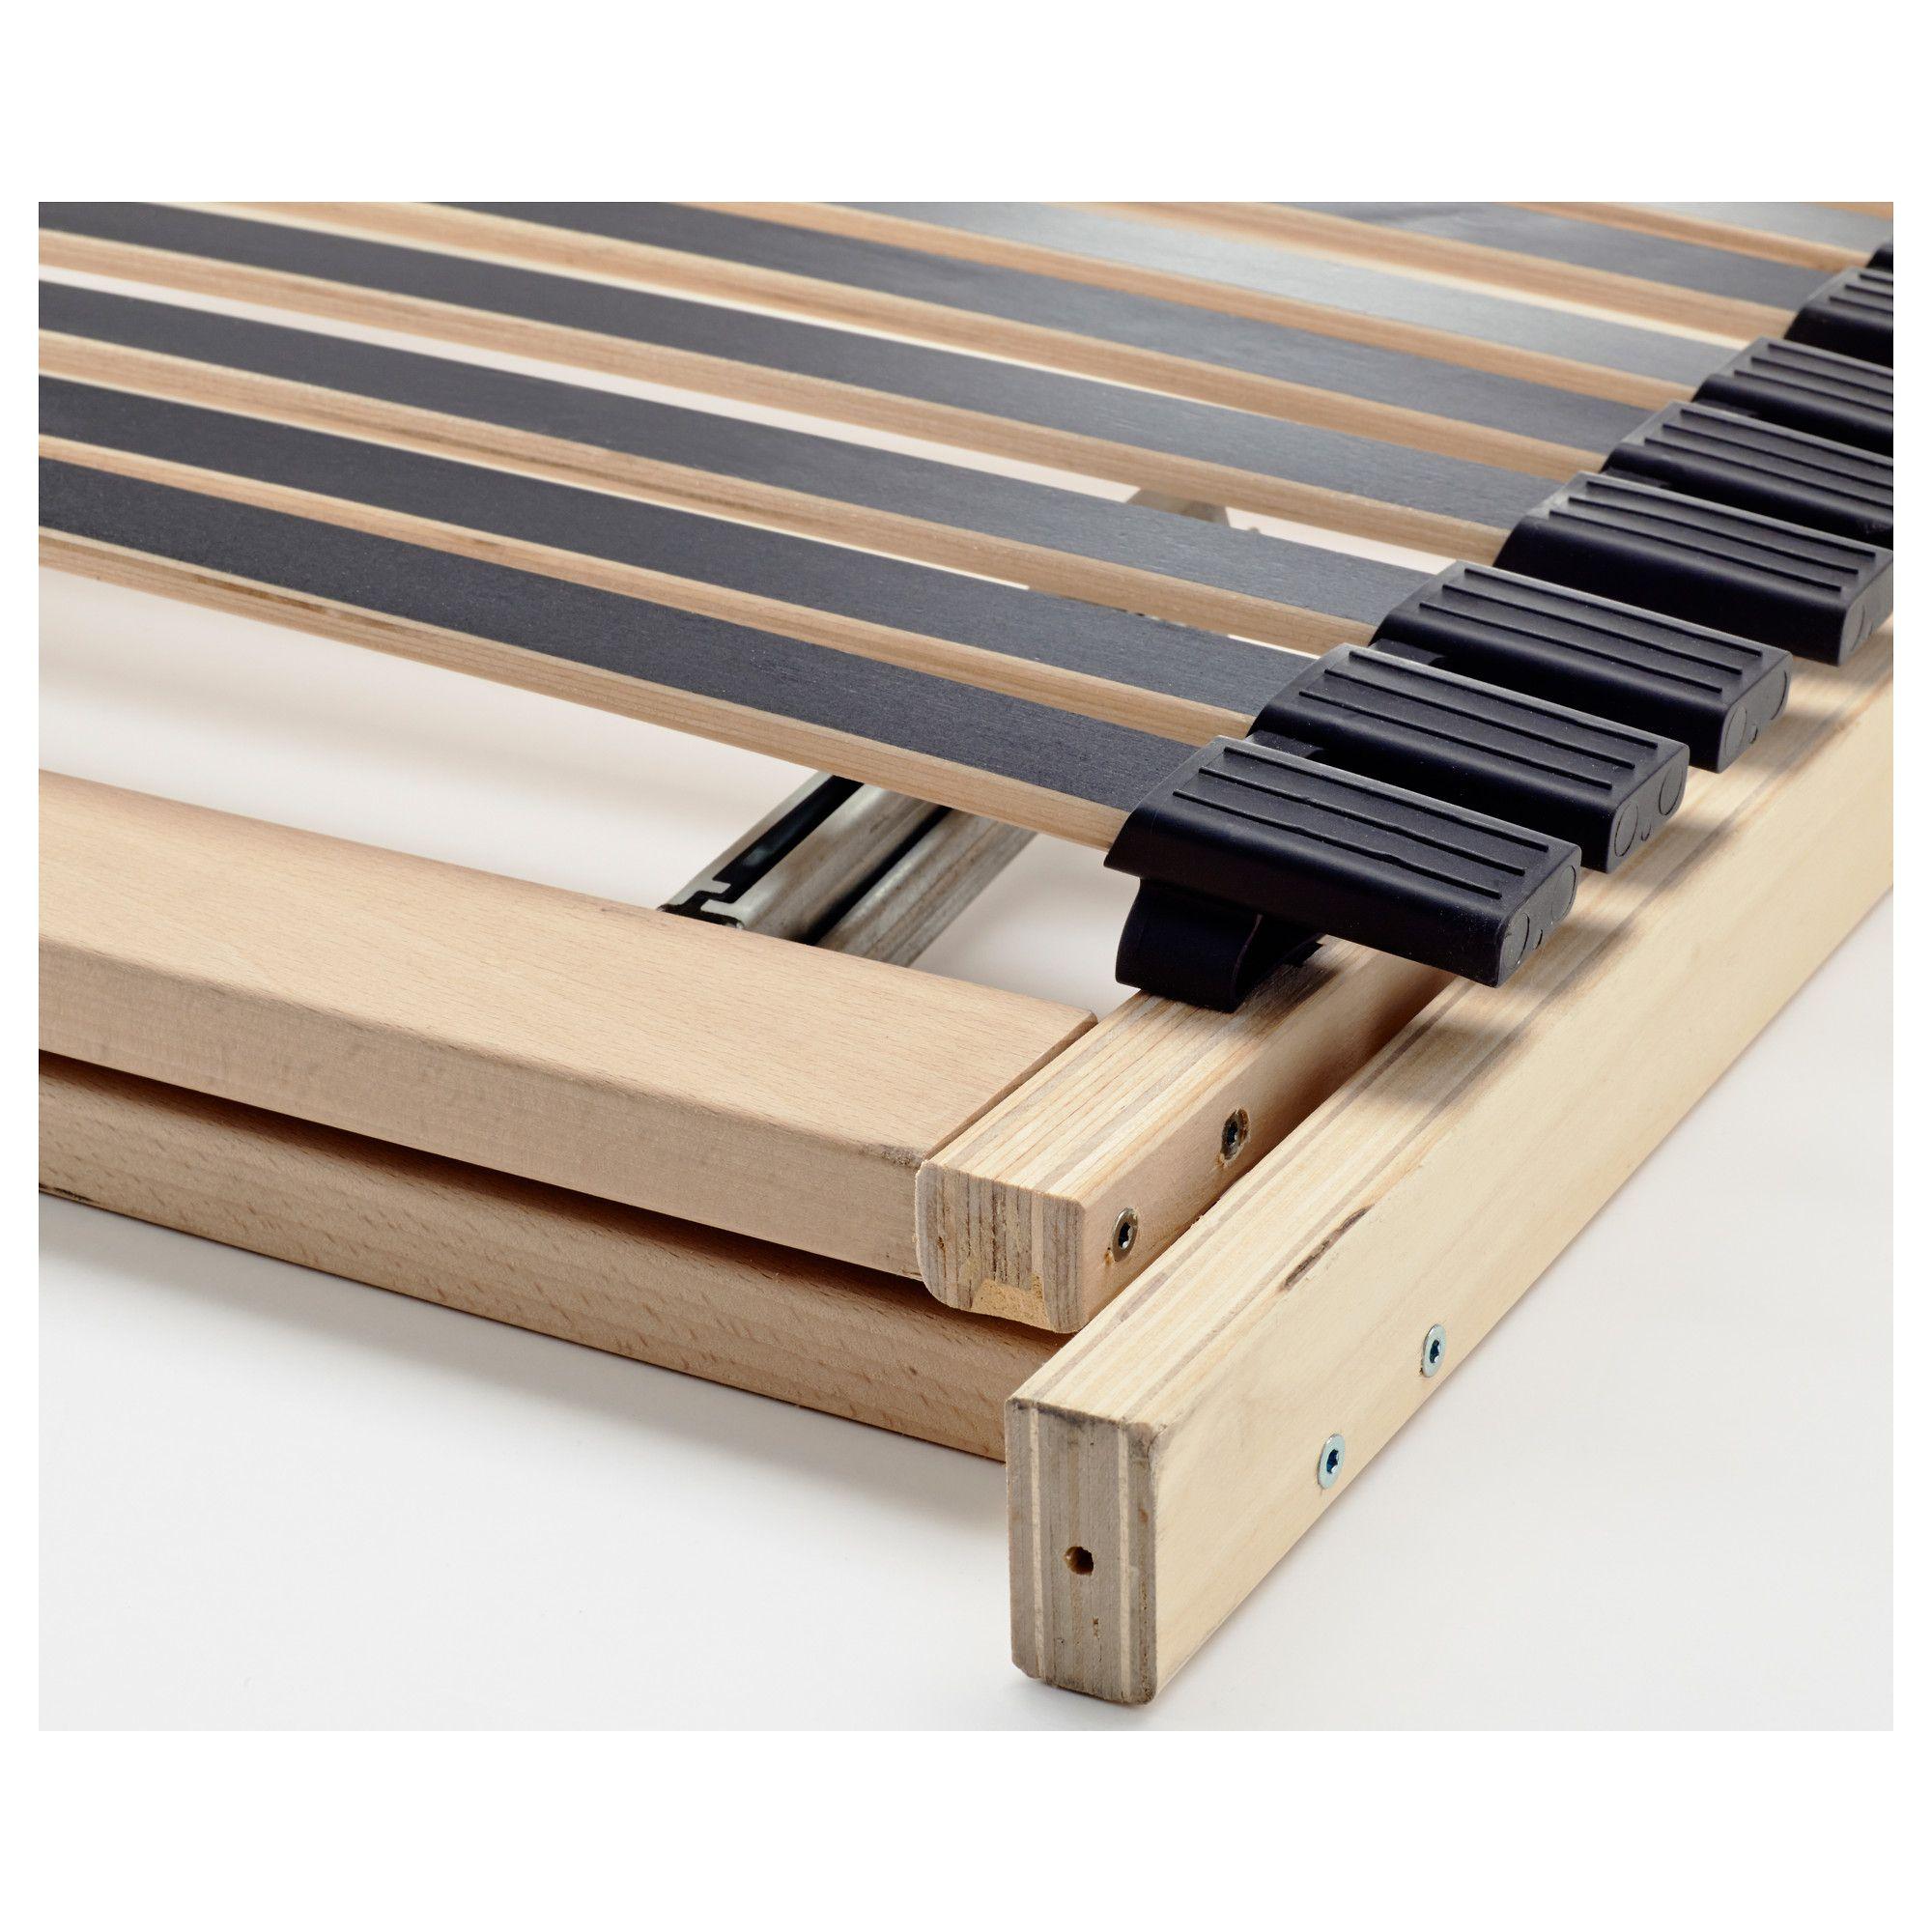 IKEA LEIRSUND Slatted bed base, adjustable Bed base